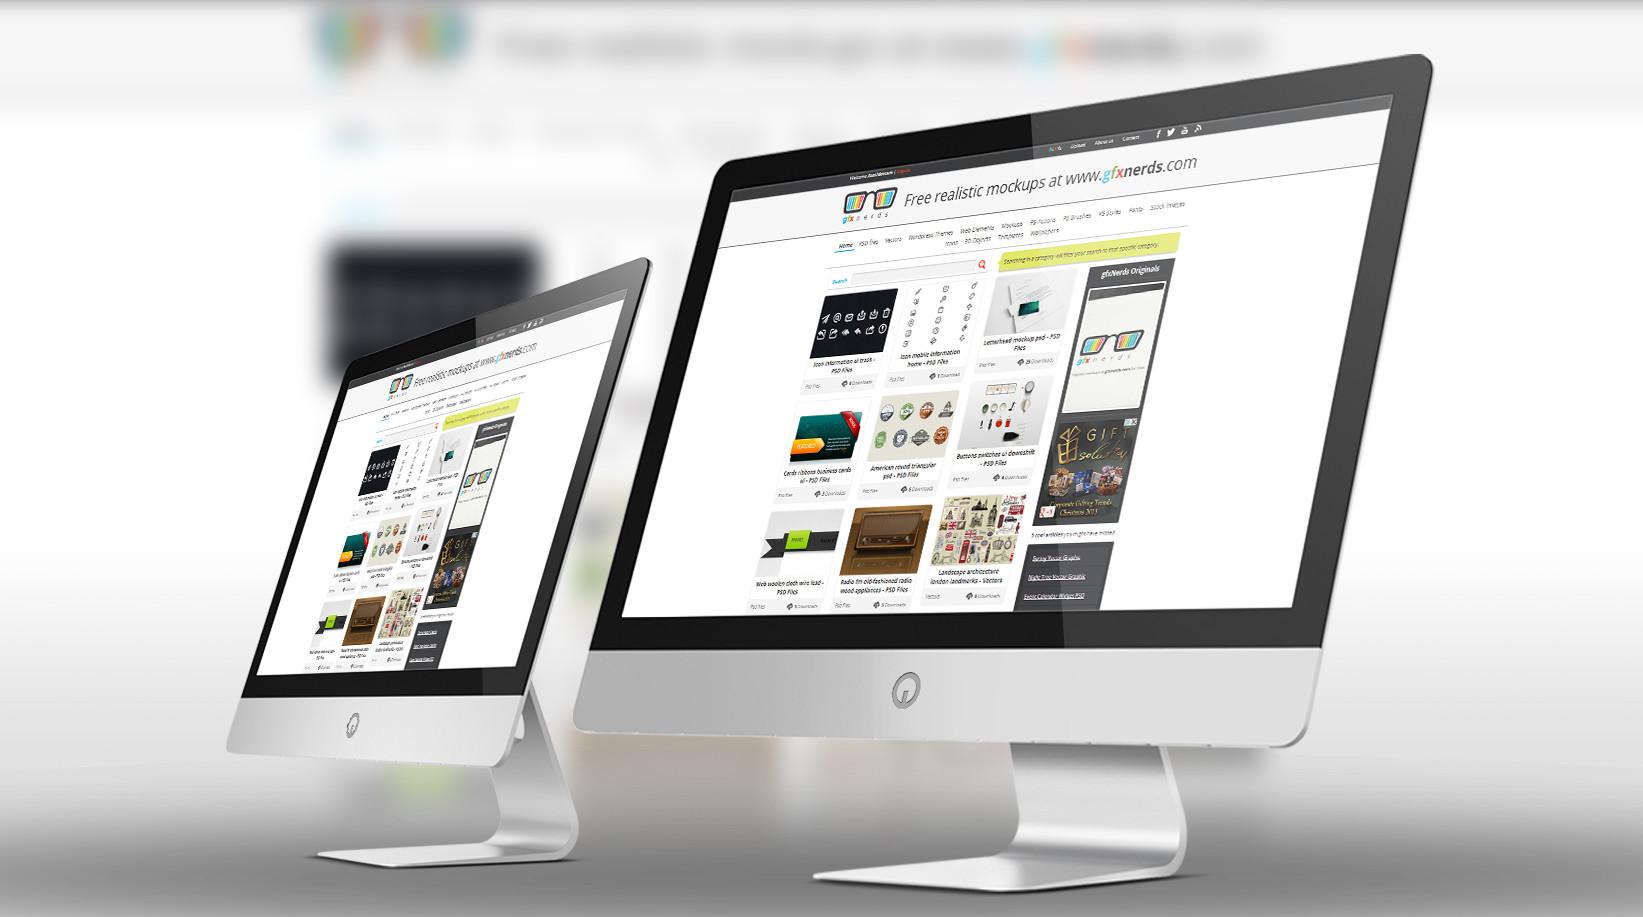 14 Desktop Mockup PSD Images